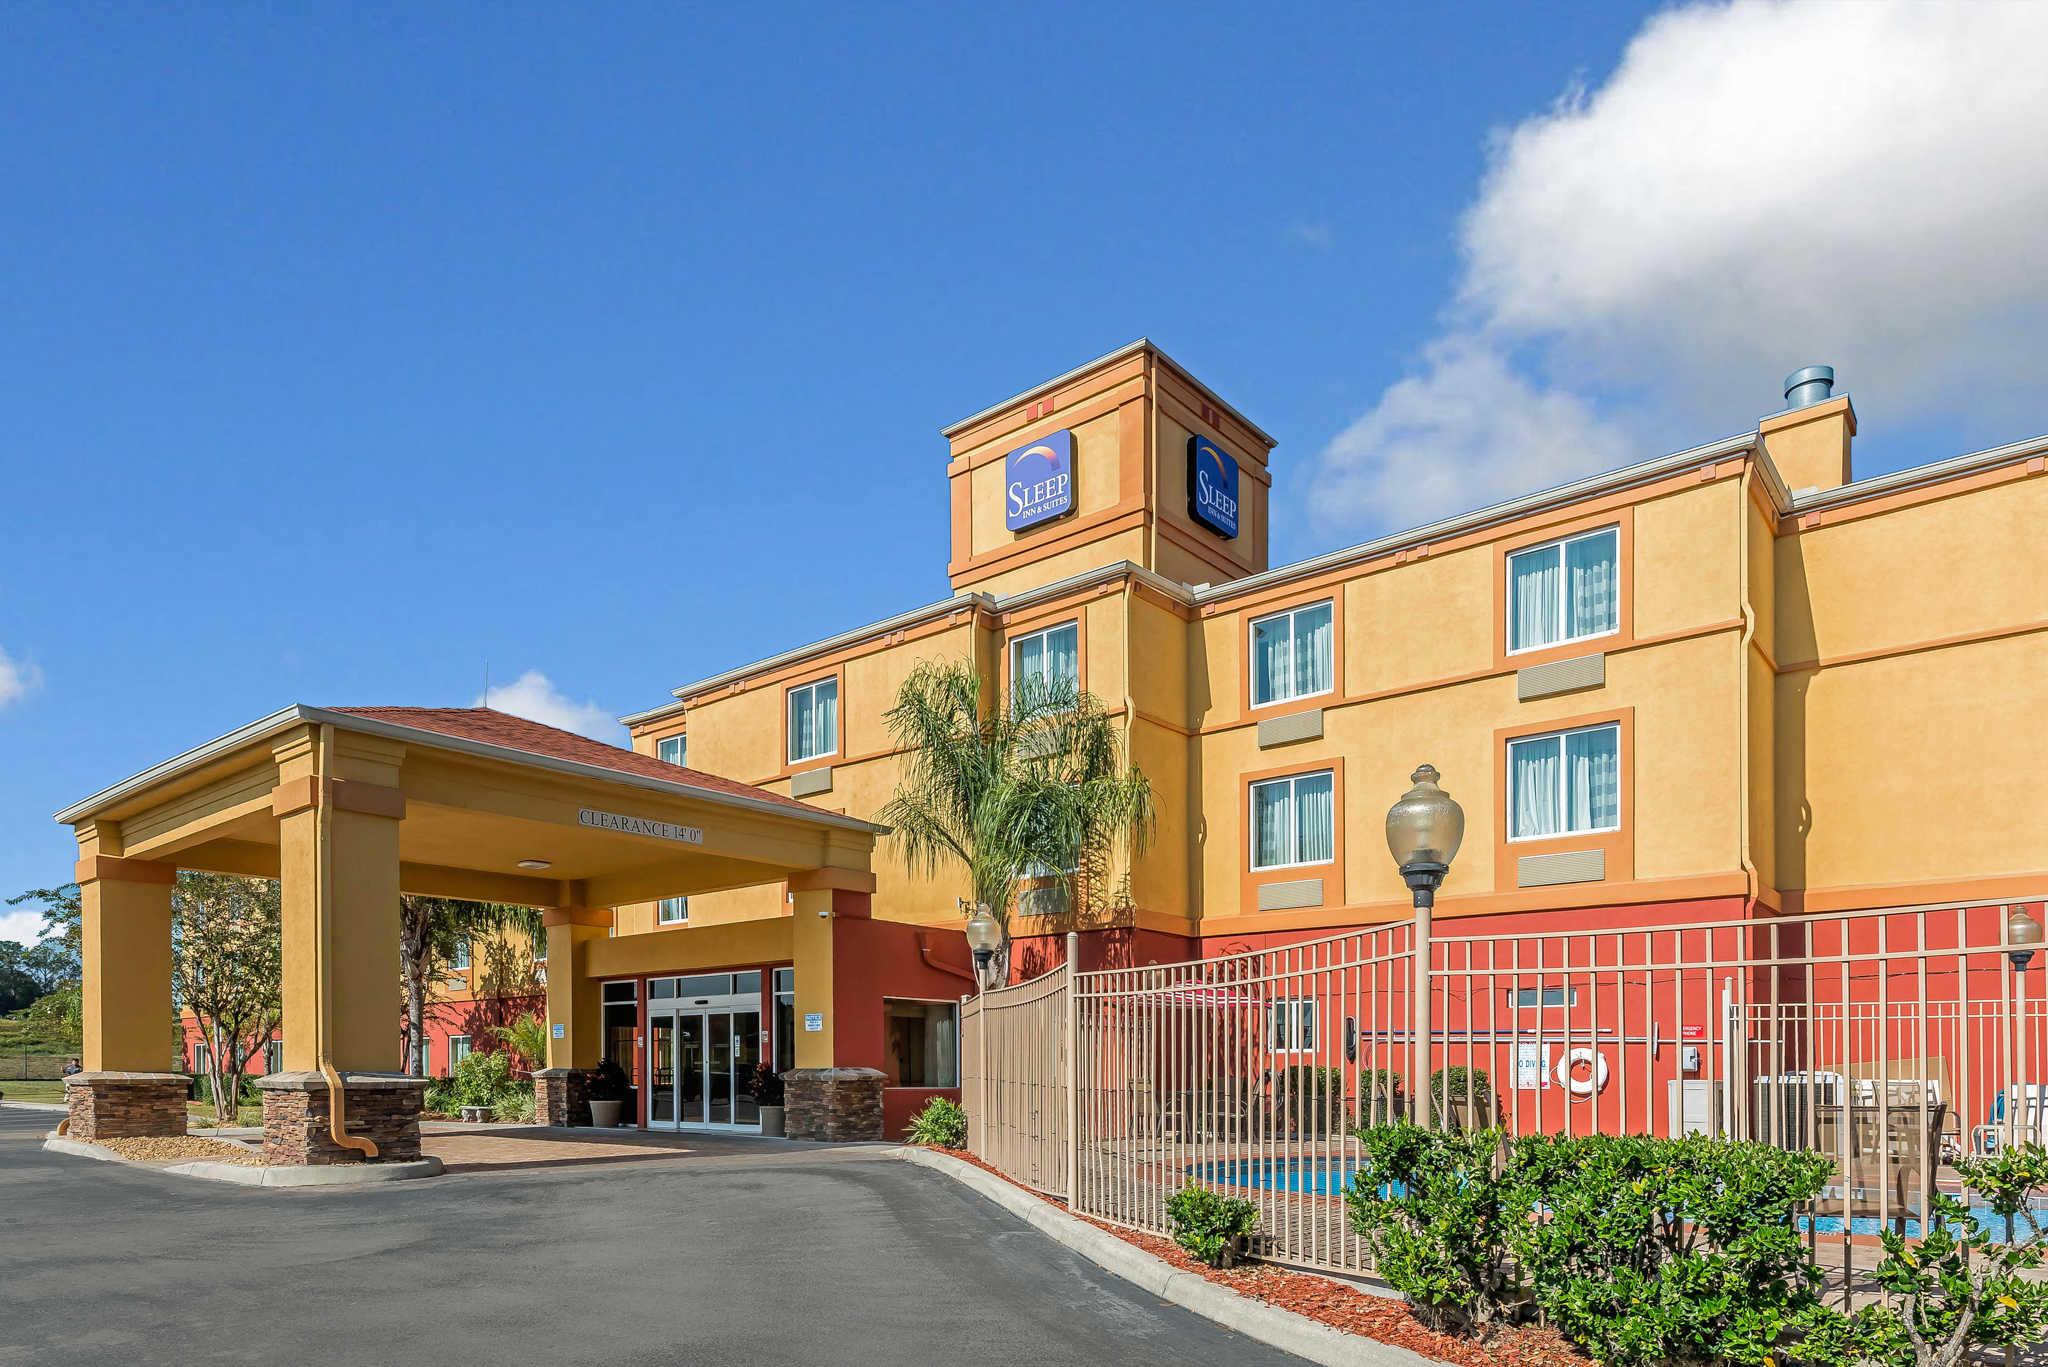 Sleep Inn & Suites Ocala - Belleview image 1